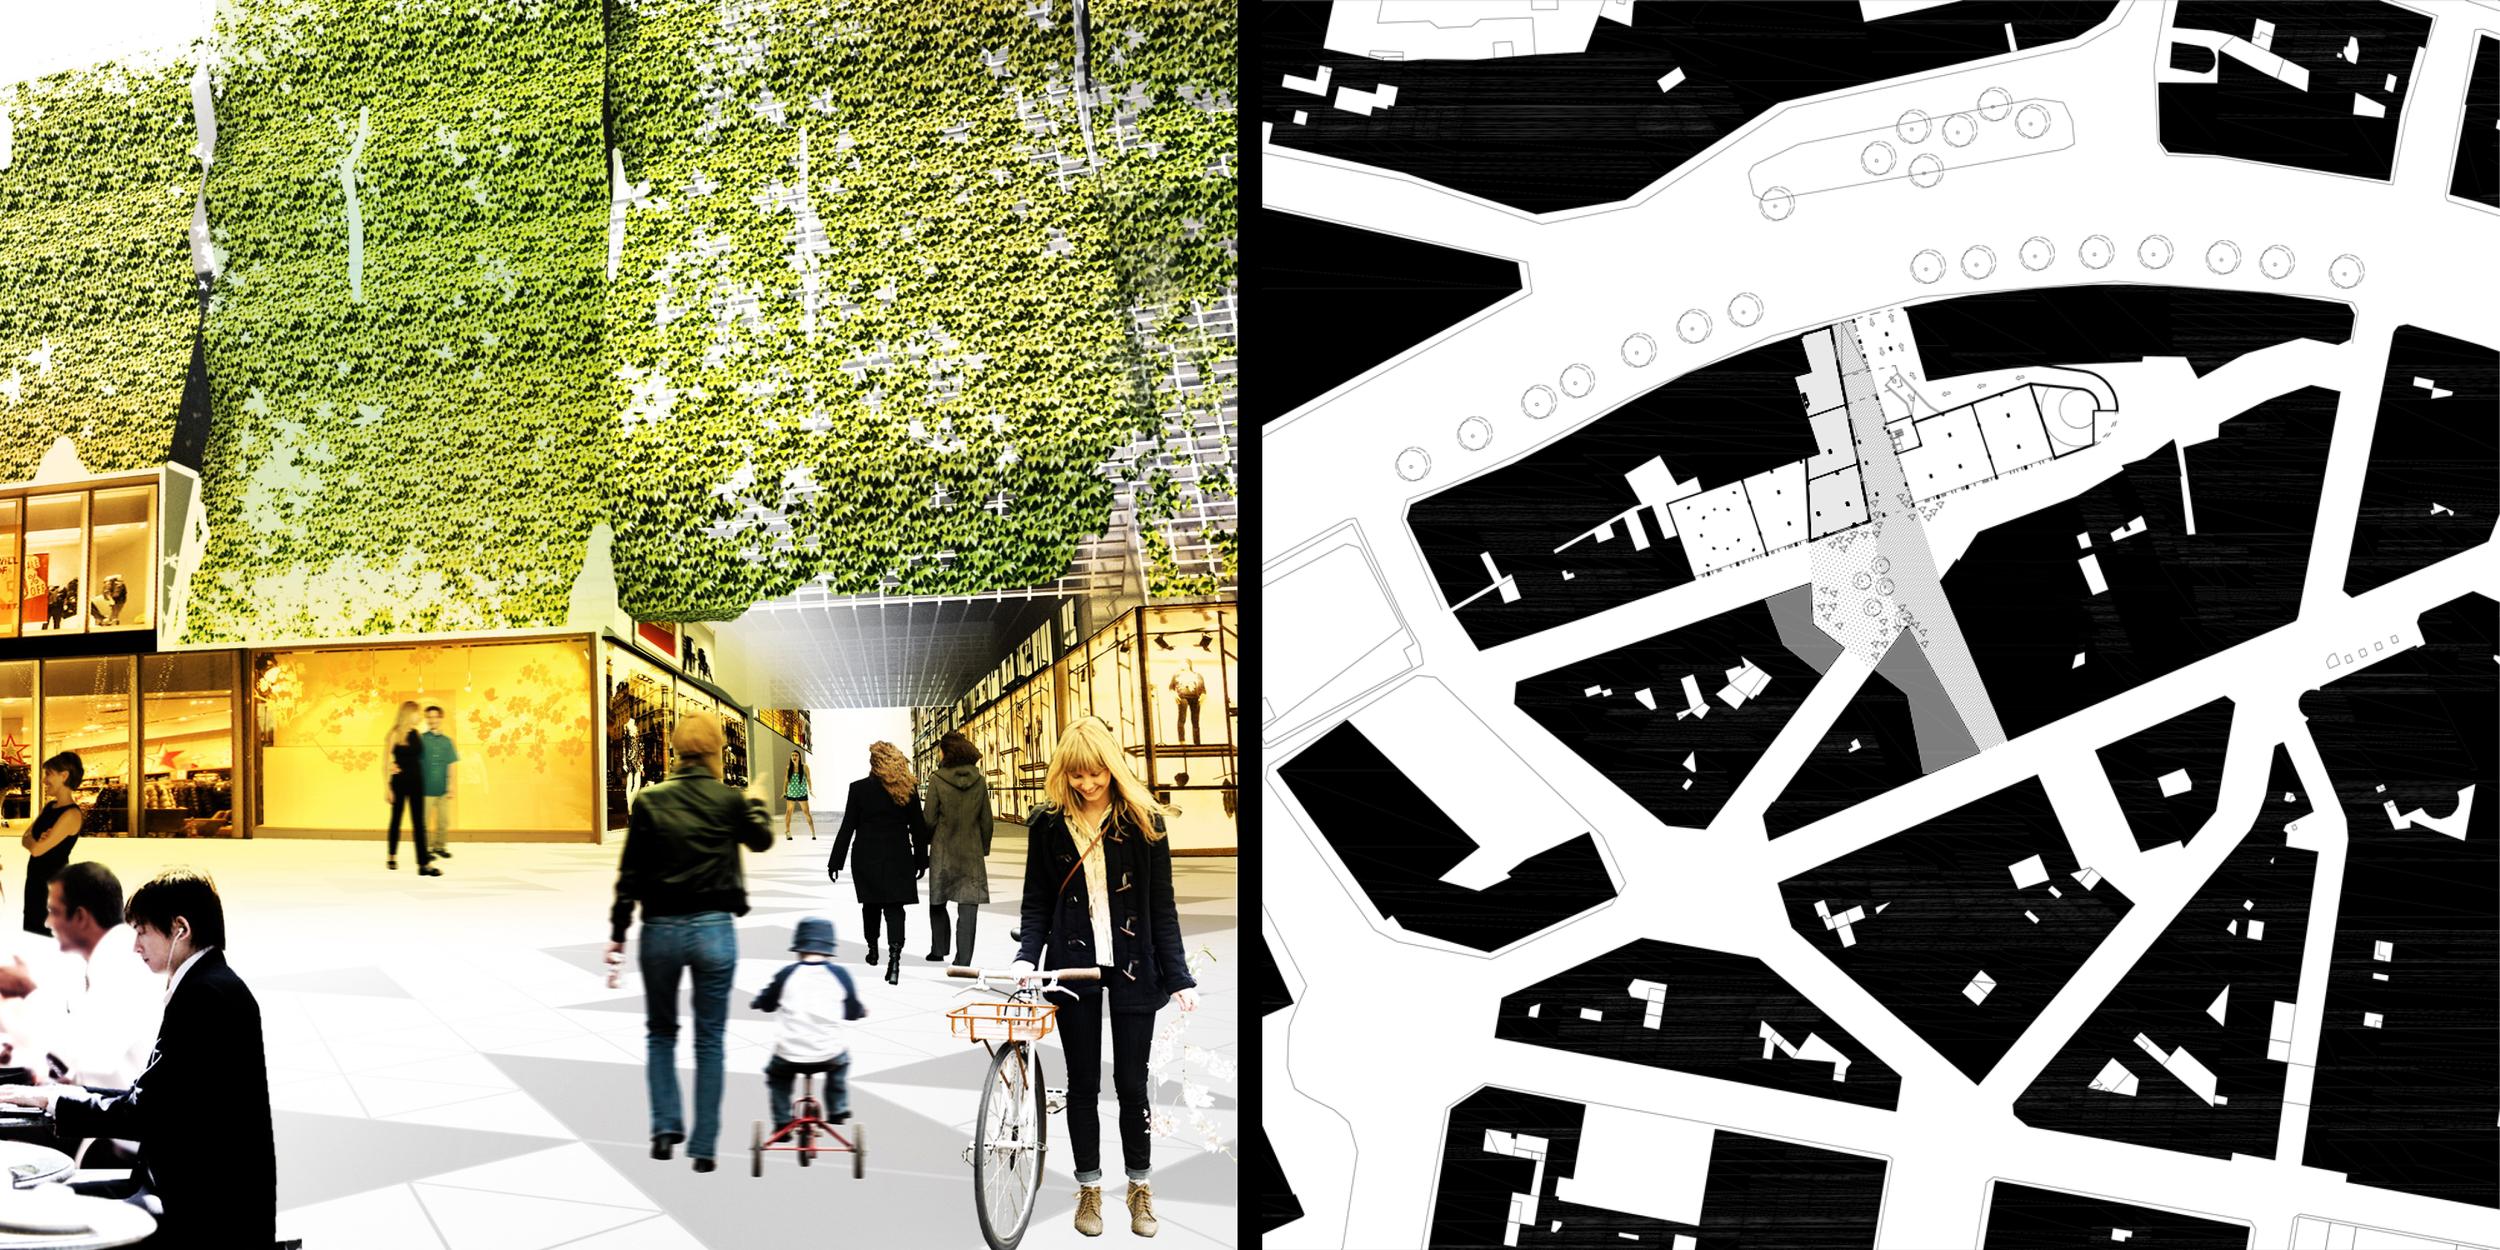 Étude urbaine de la Ville Basse